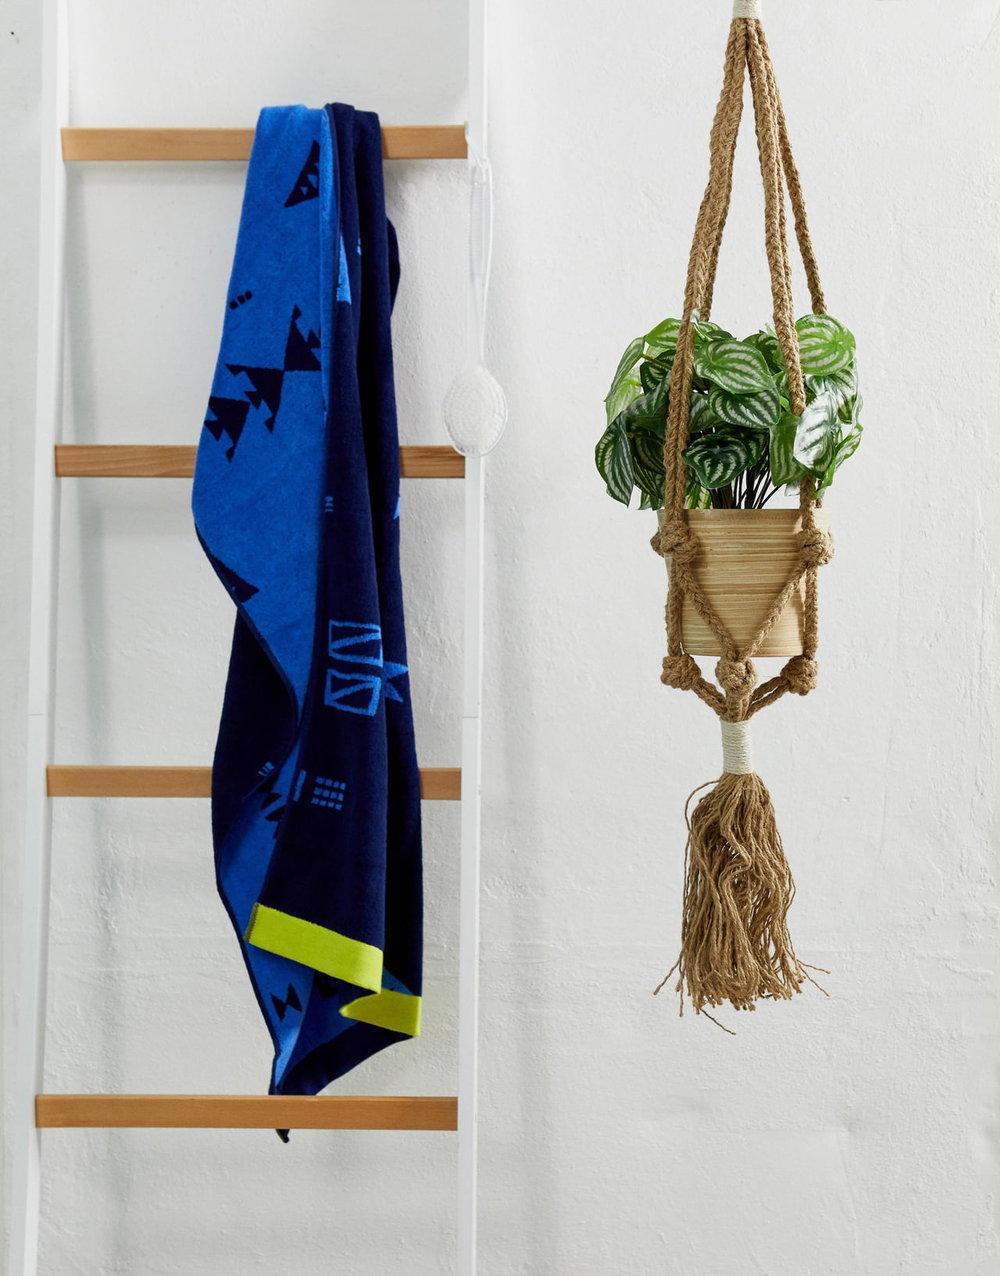 ASOS SUPPLY hanging planter £20.00